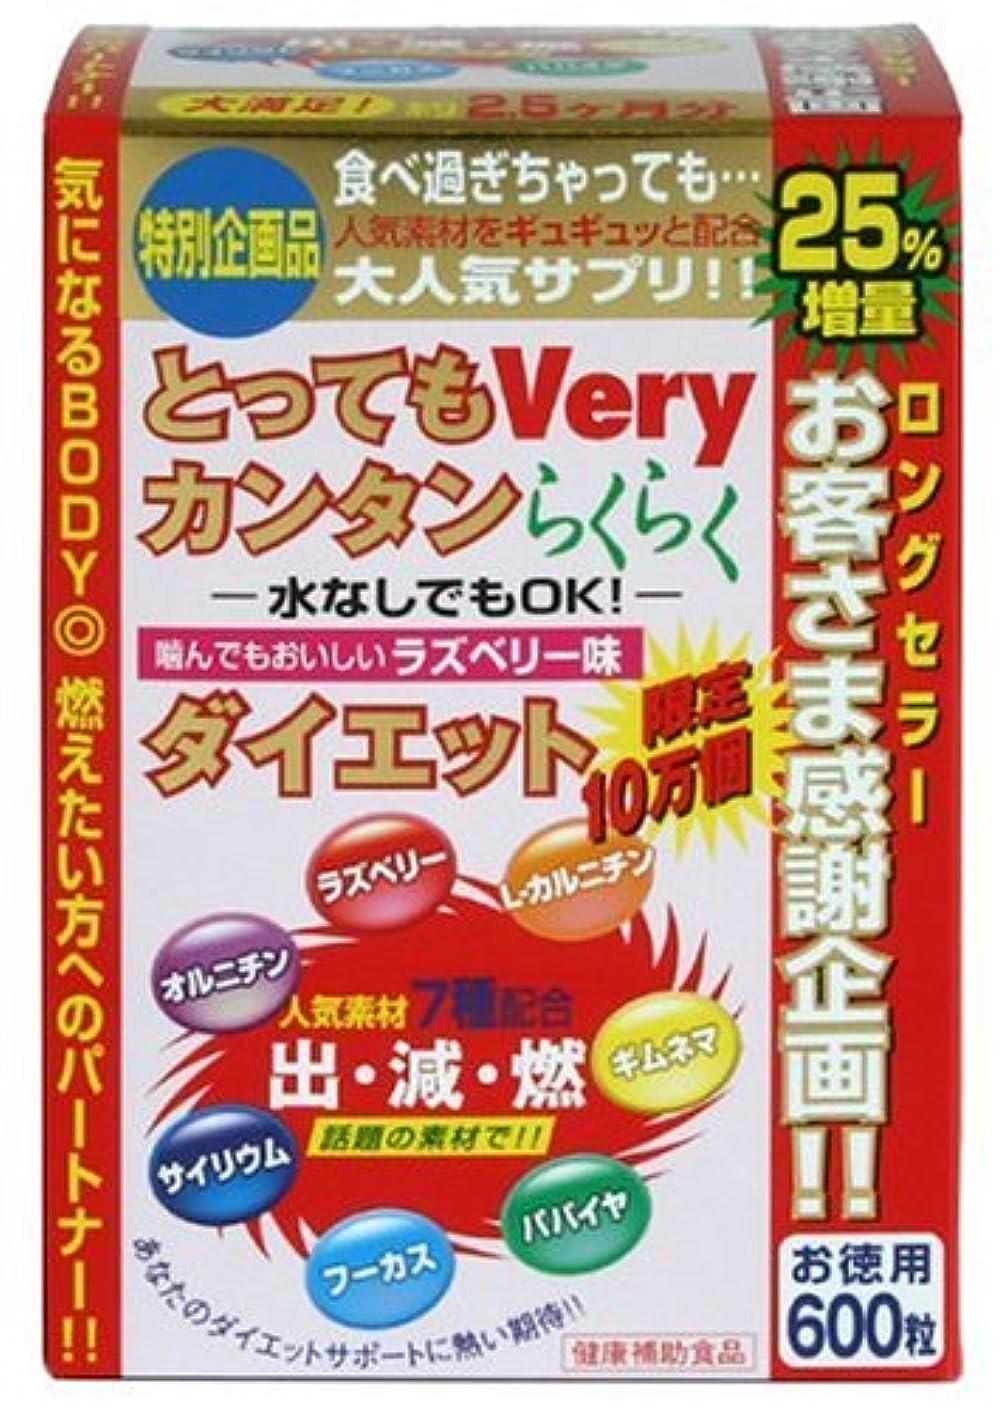 ママエレベーターブリードとってもVery カンタンらくらく ダイエット 増量版(240mg×600粒)